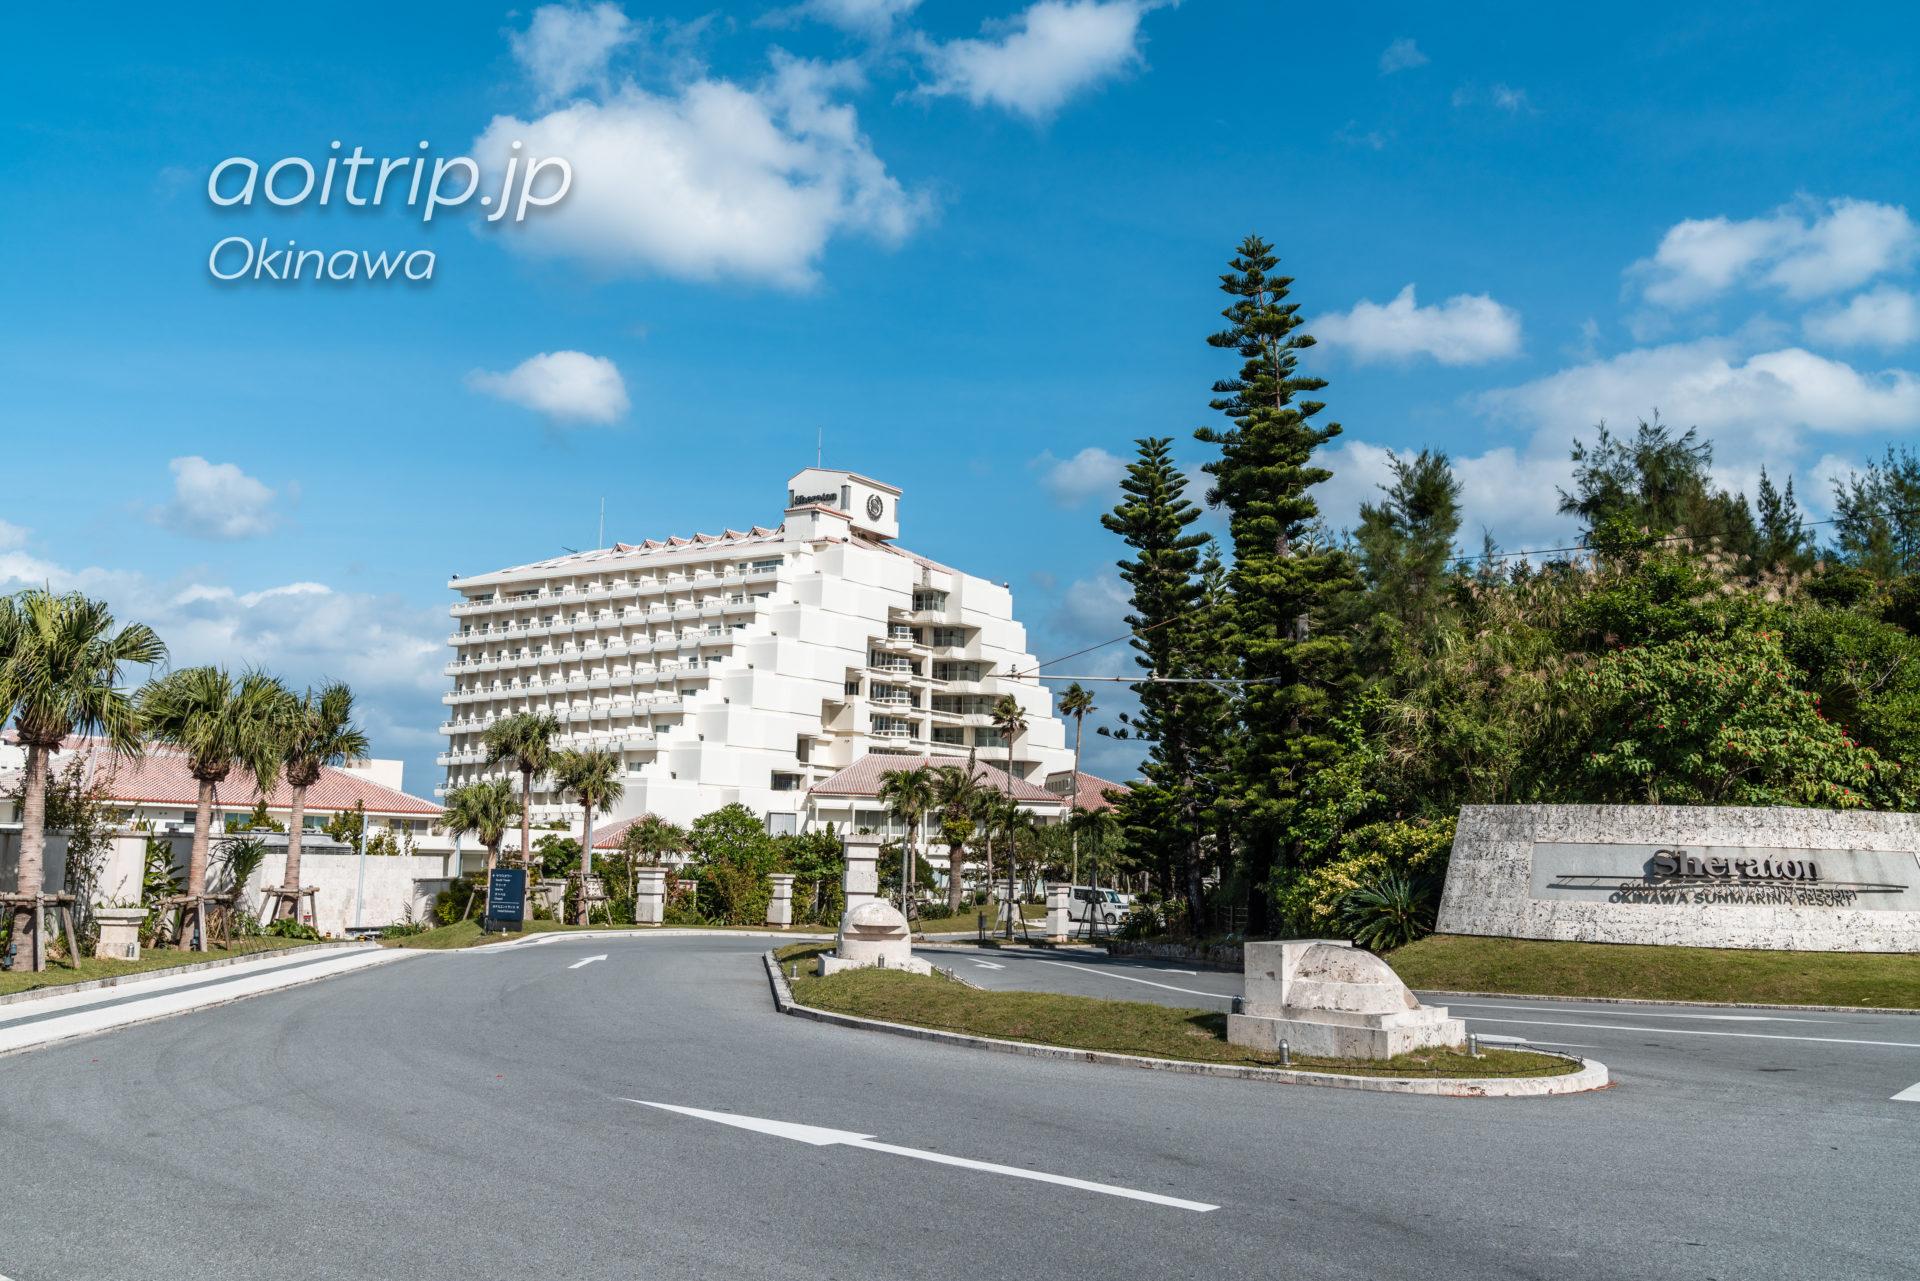 シェラトン沖縄サンマリーナ リゾート Sheraton Okinawa Sunmarina Resort